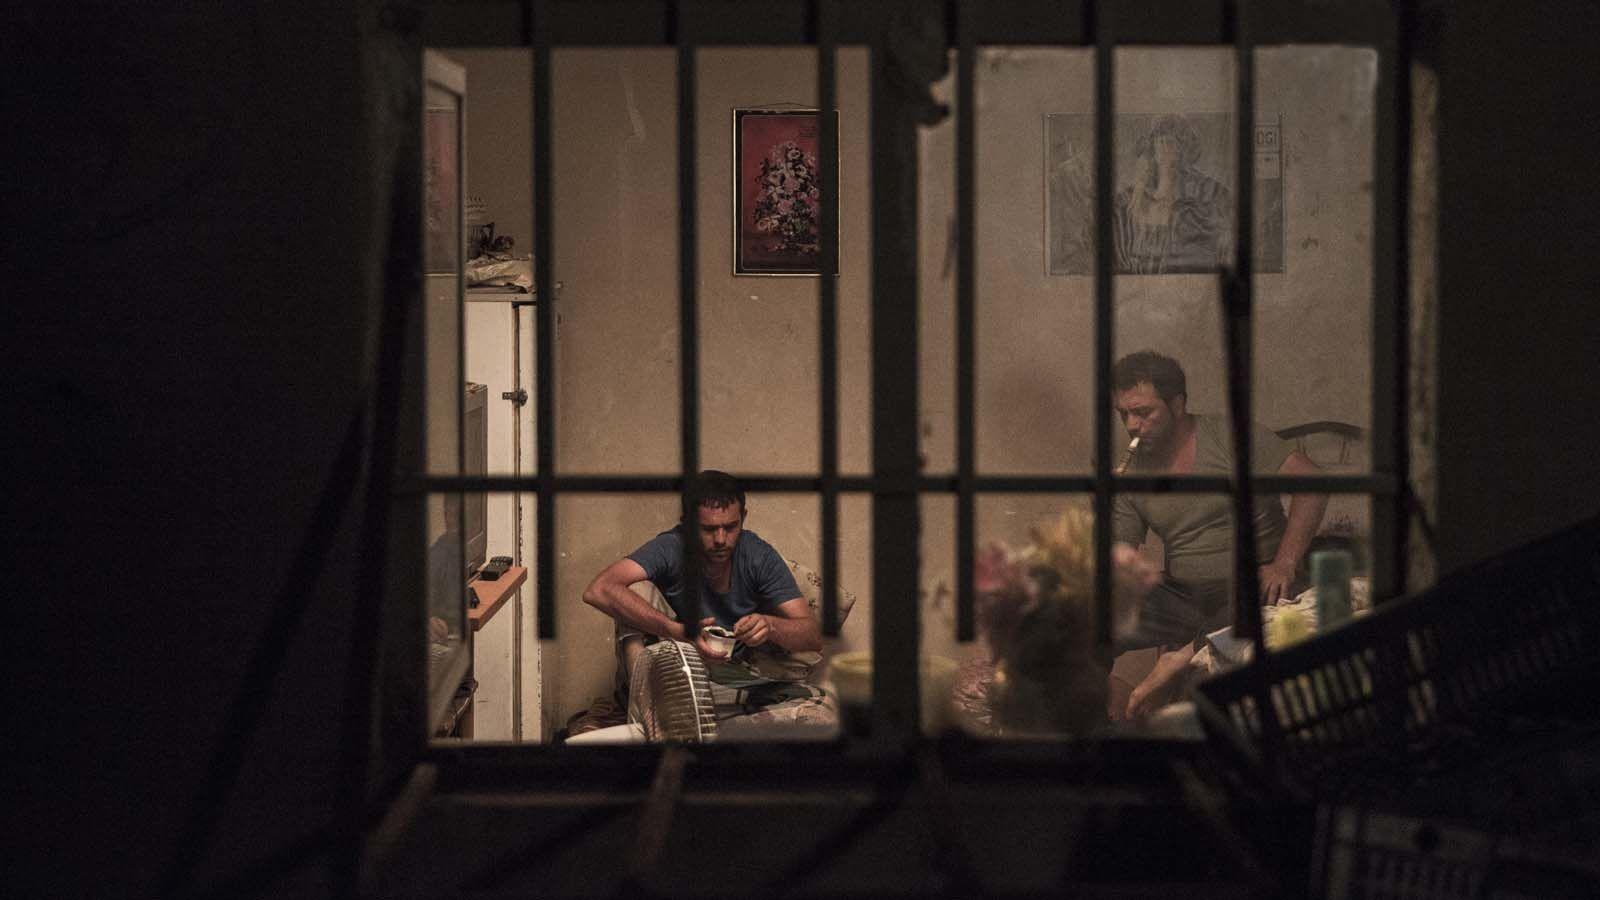 Les rives du destin (BANDE-ANNONCE) de Abdolreza Kahani - Le 30 mai 2018 au cinéma